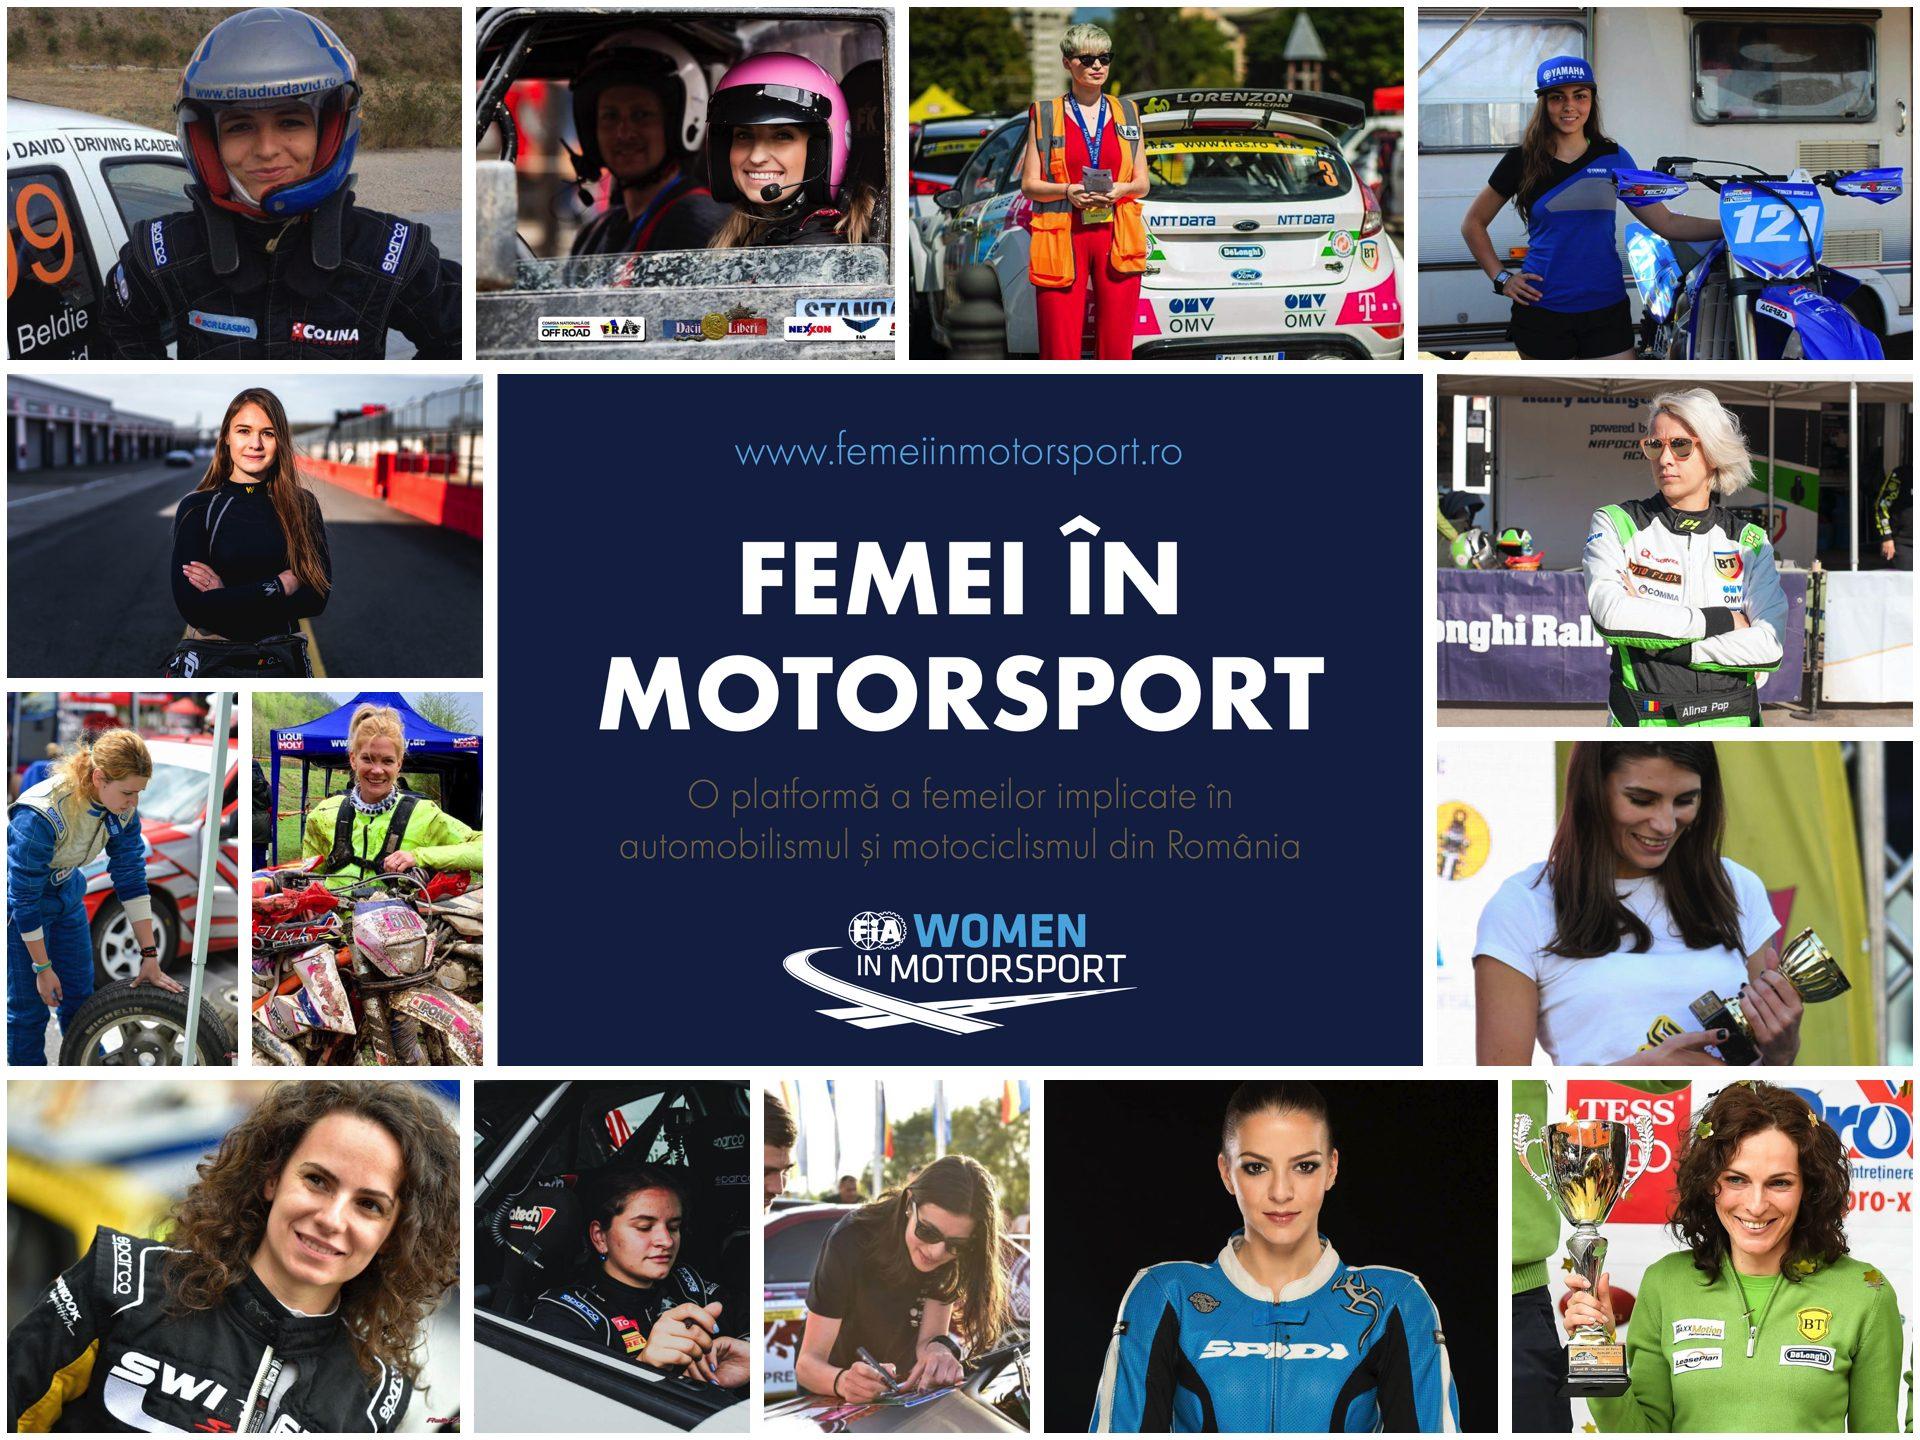 Platforma Femei in Motorsport a implinit 1 an